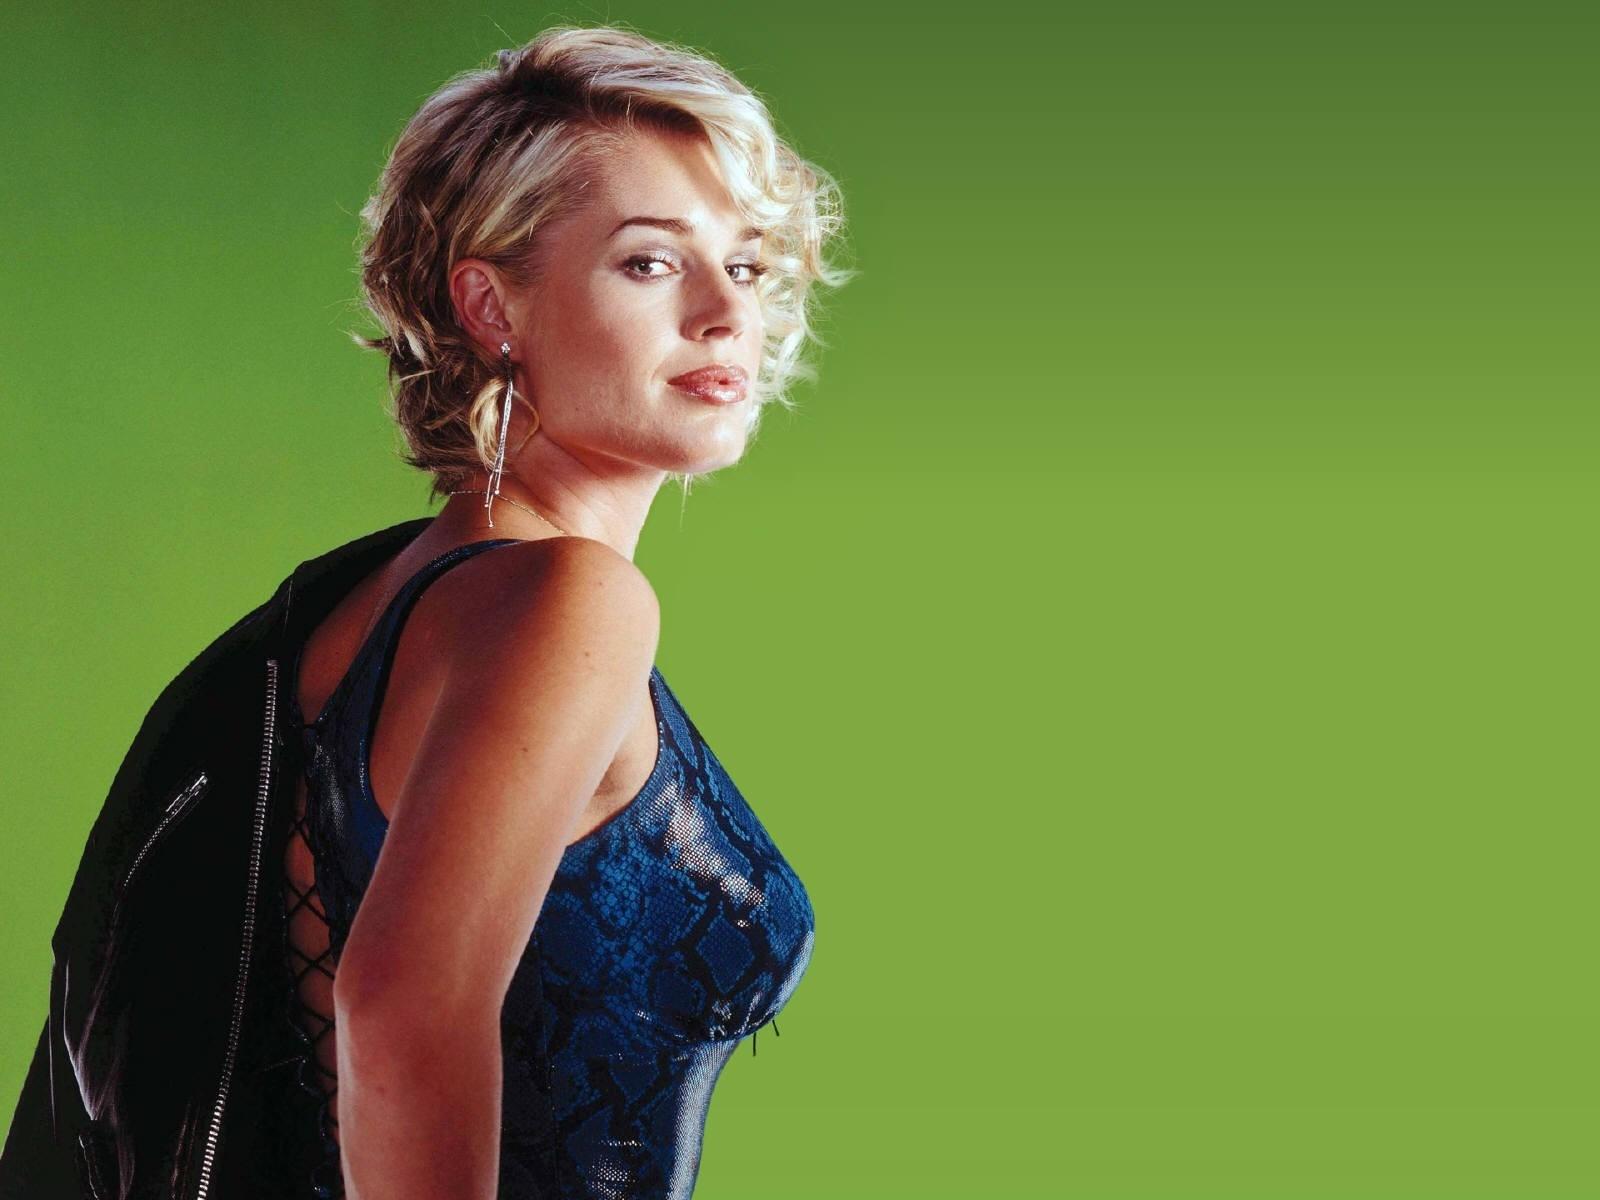 Wallpaper: la 'femme fatale' Rebecca Romijn